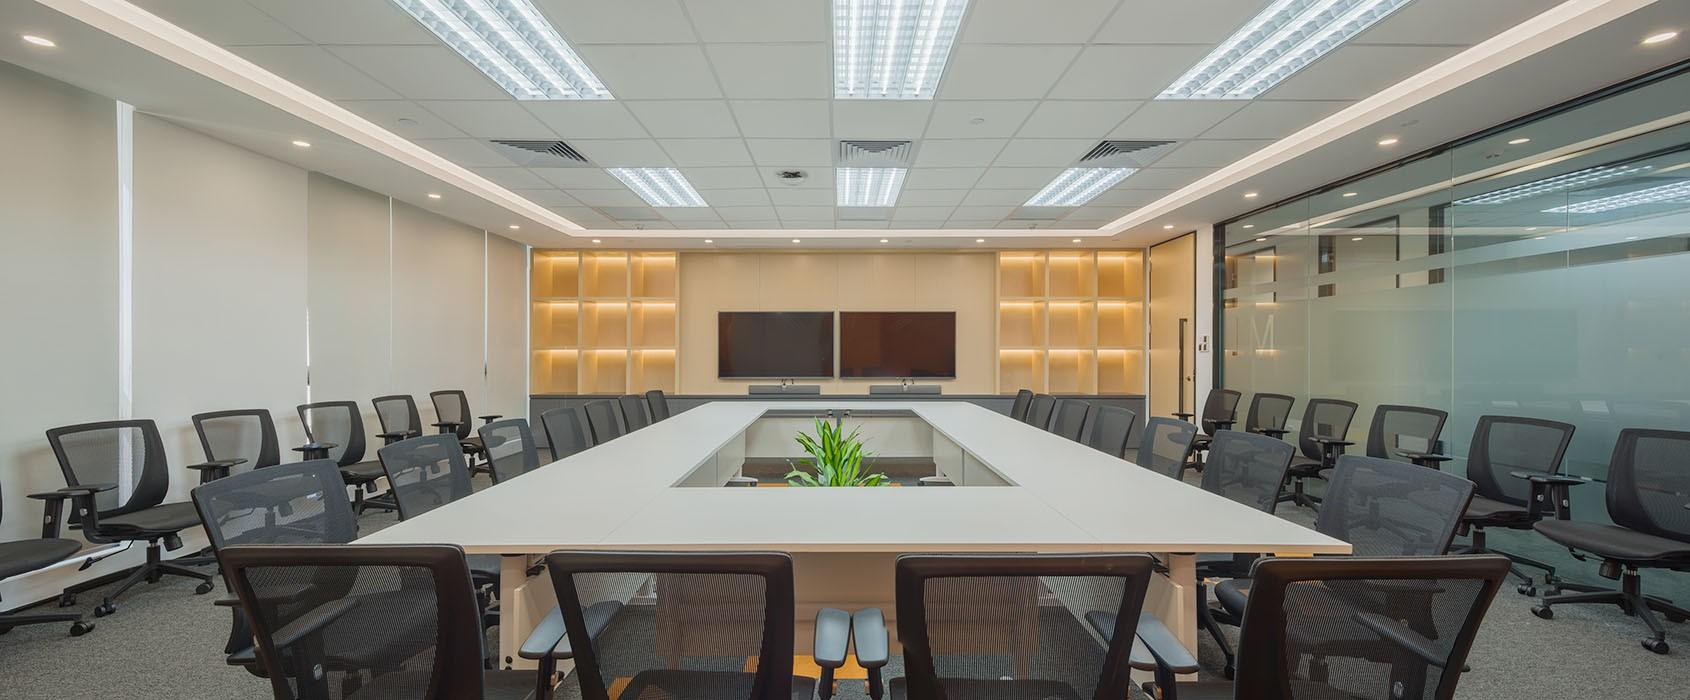 小米深圳办公室设计装修